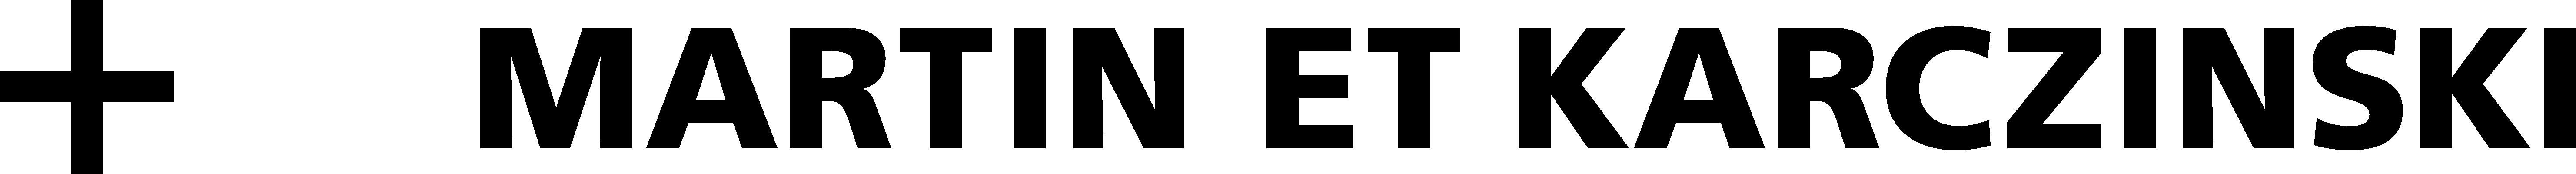 metk logo